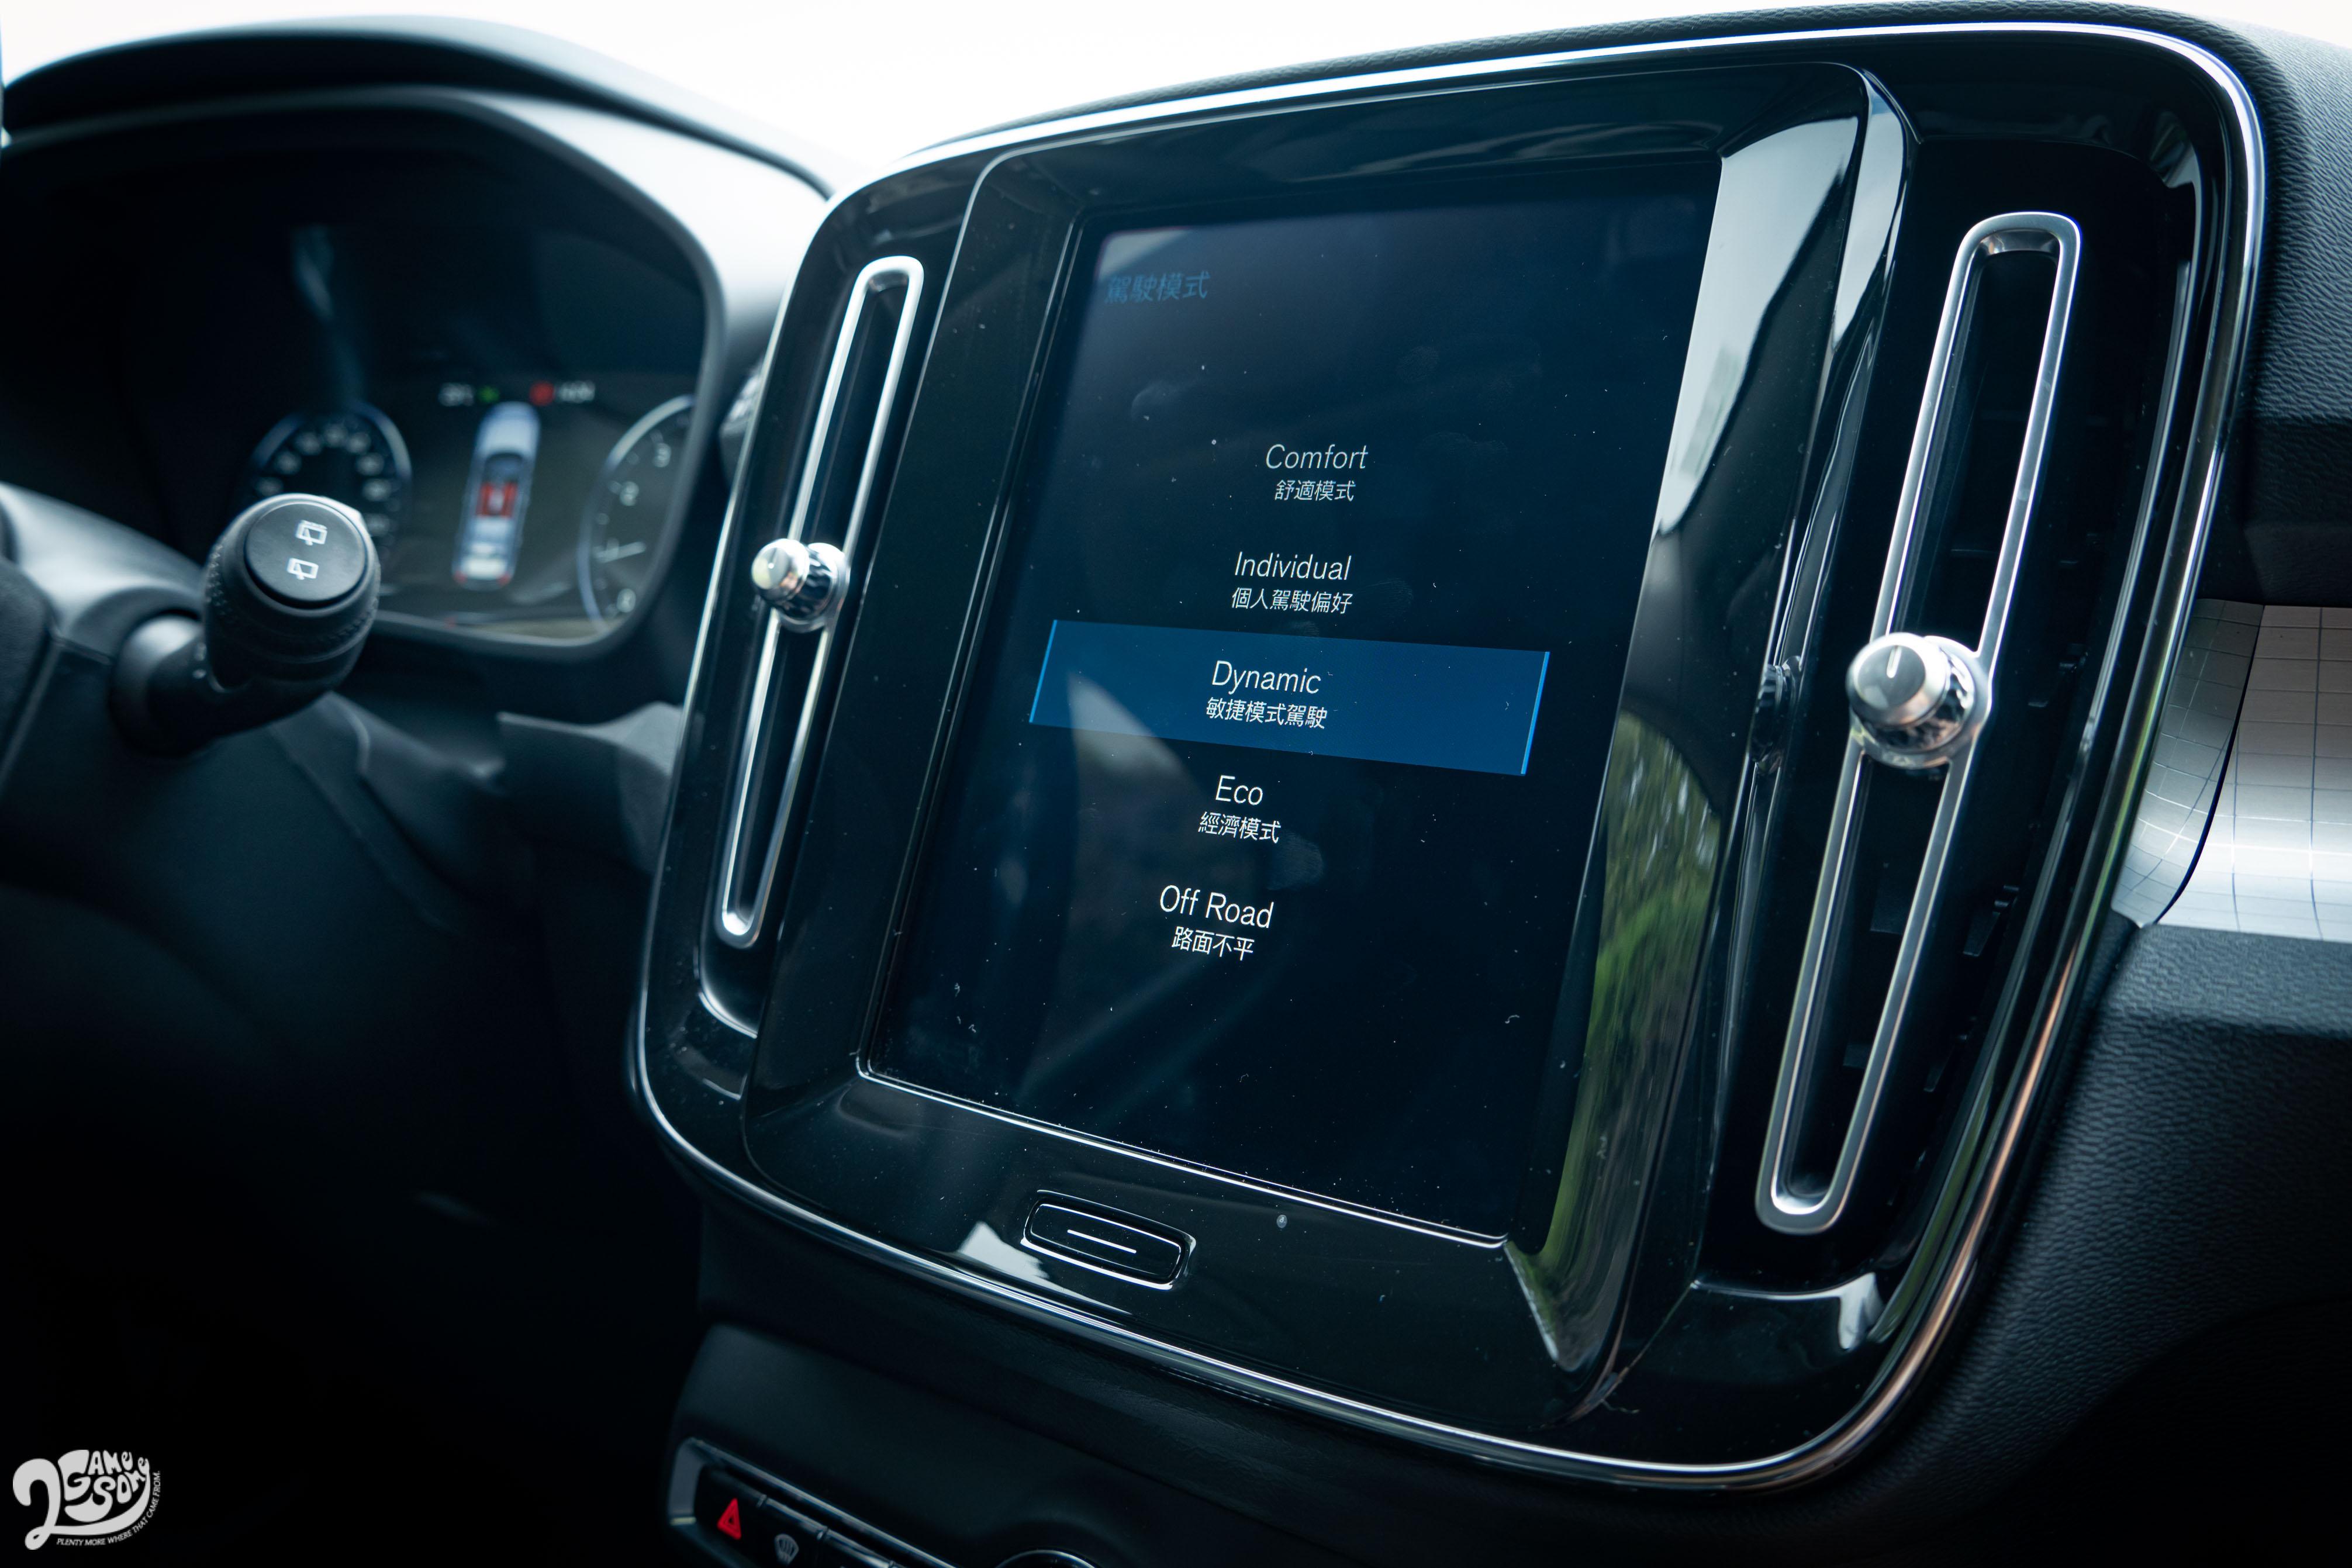 提供 Comfort、Individual、Dynamic、Eco、Off Road 五種駕駛模式。